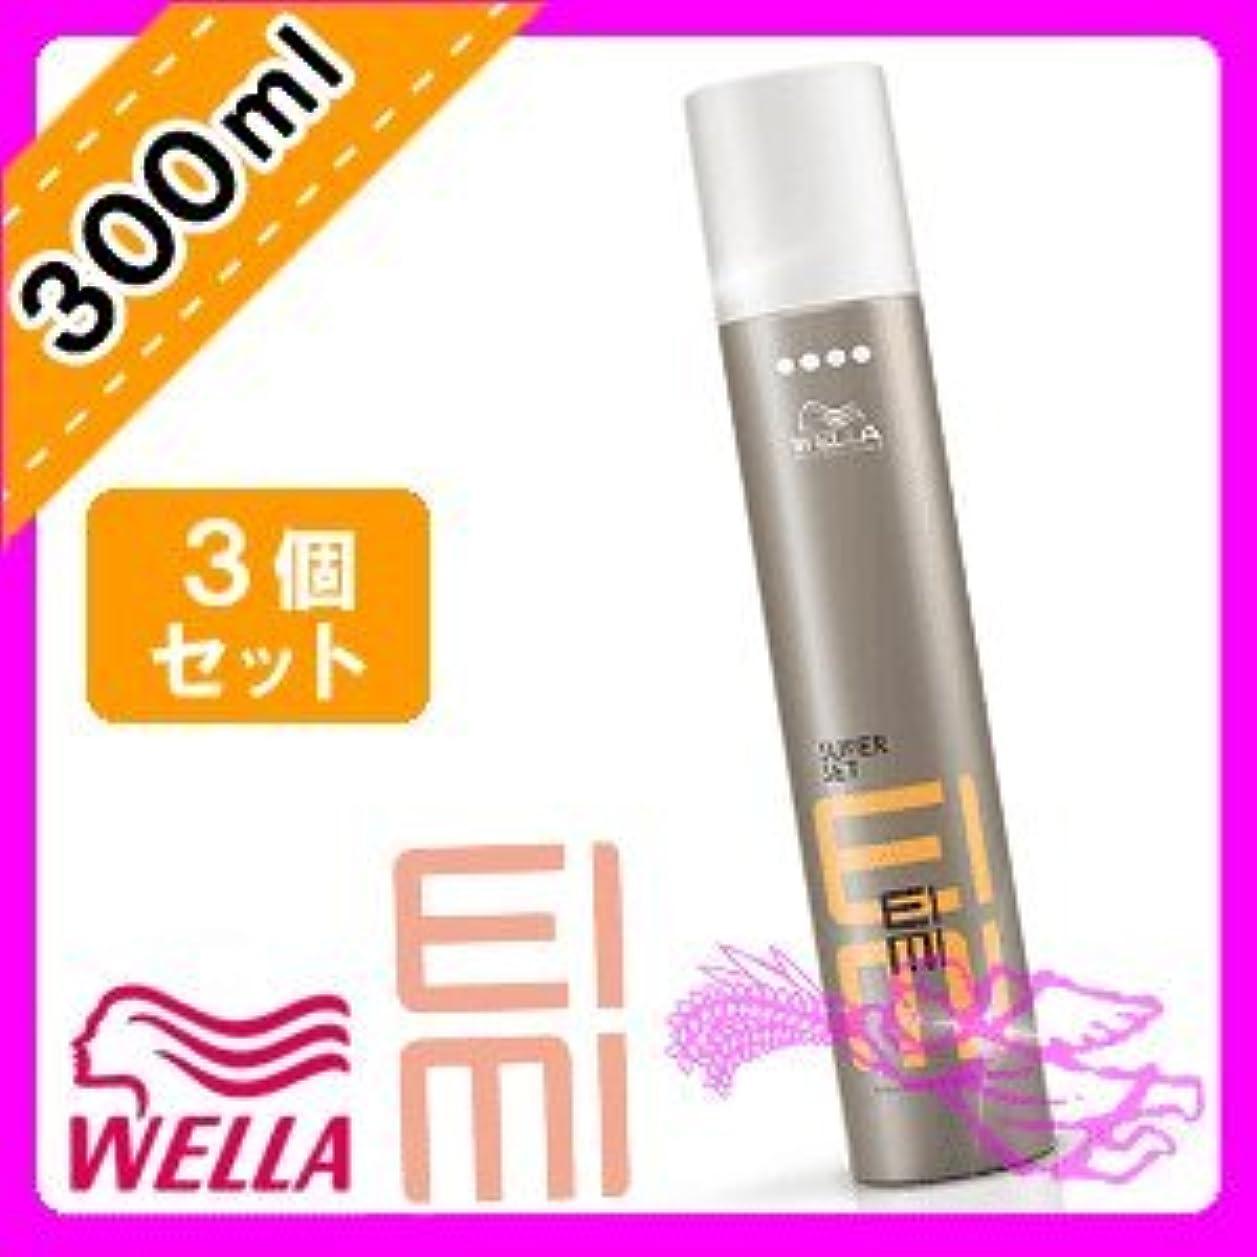 中級粘液信頼性のあるウエラ EIMI(アイミィ) スーパーセットスプレー 300ml ×3個 セット WELLA P&G